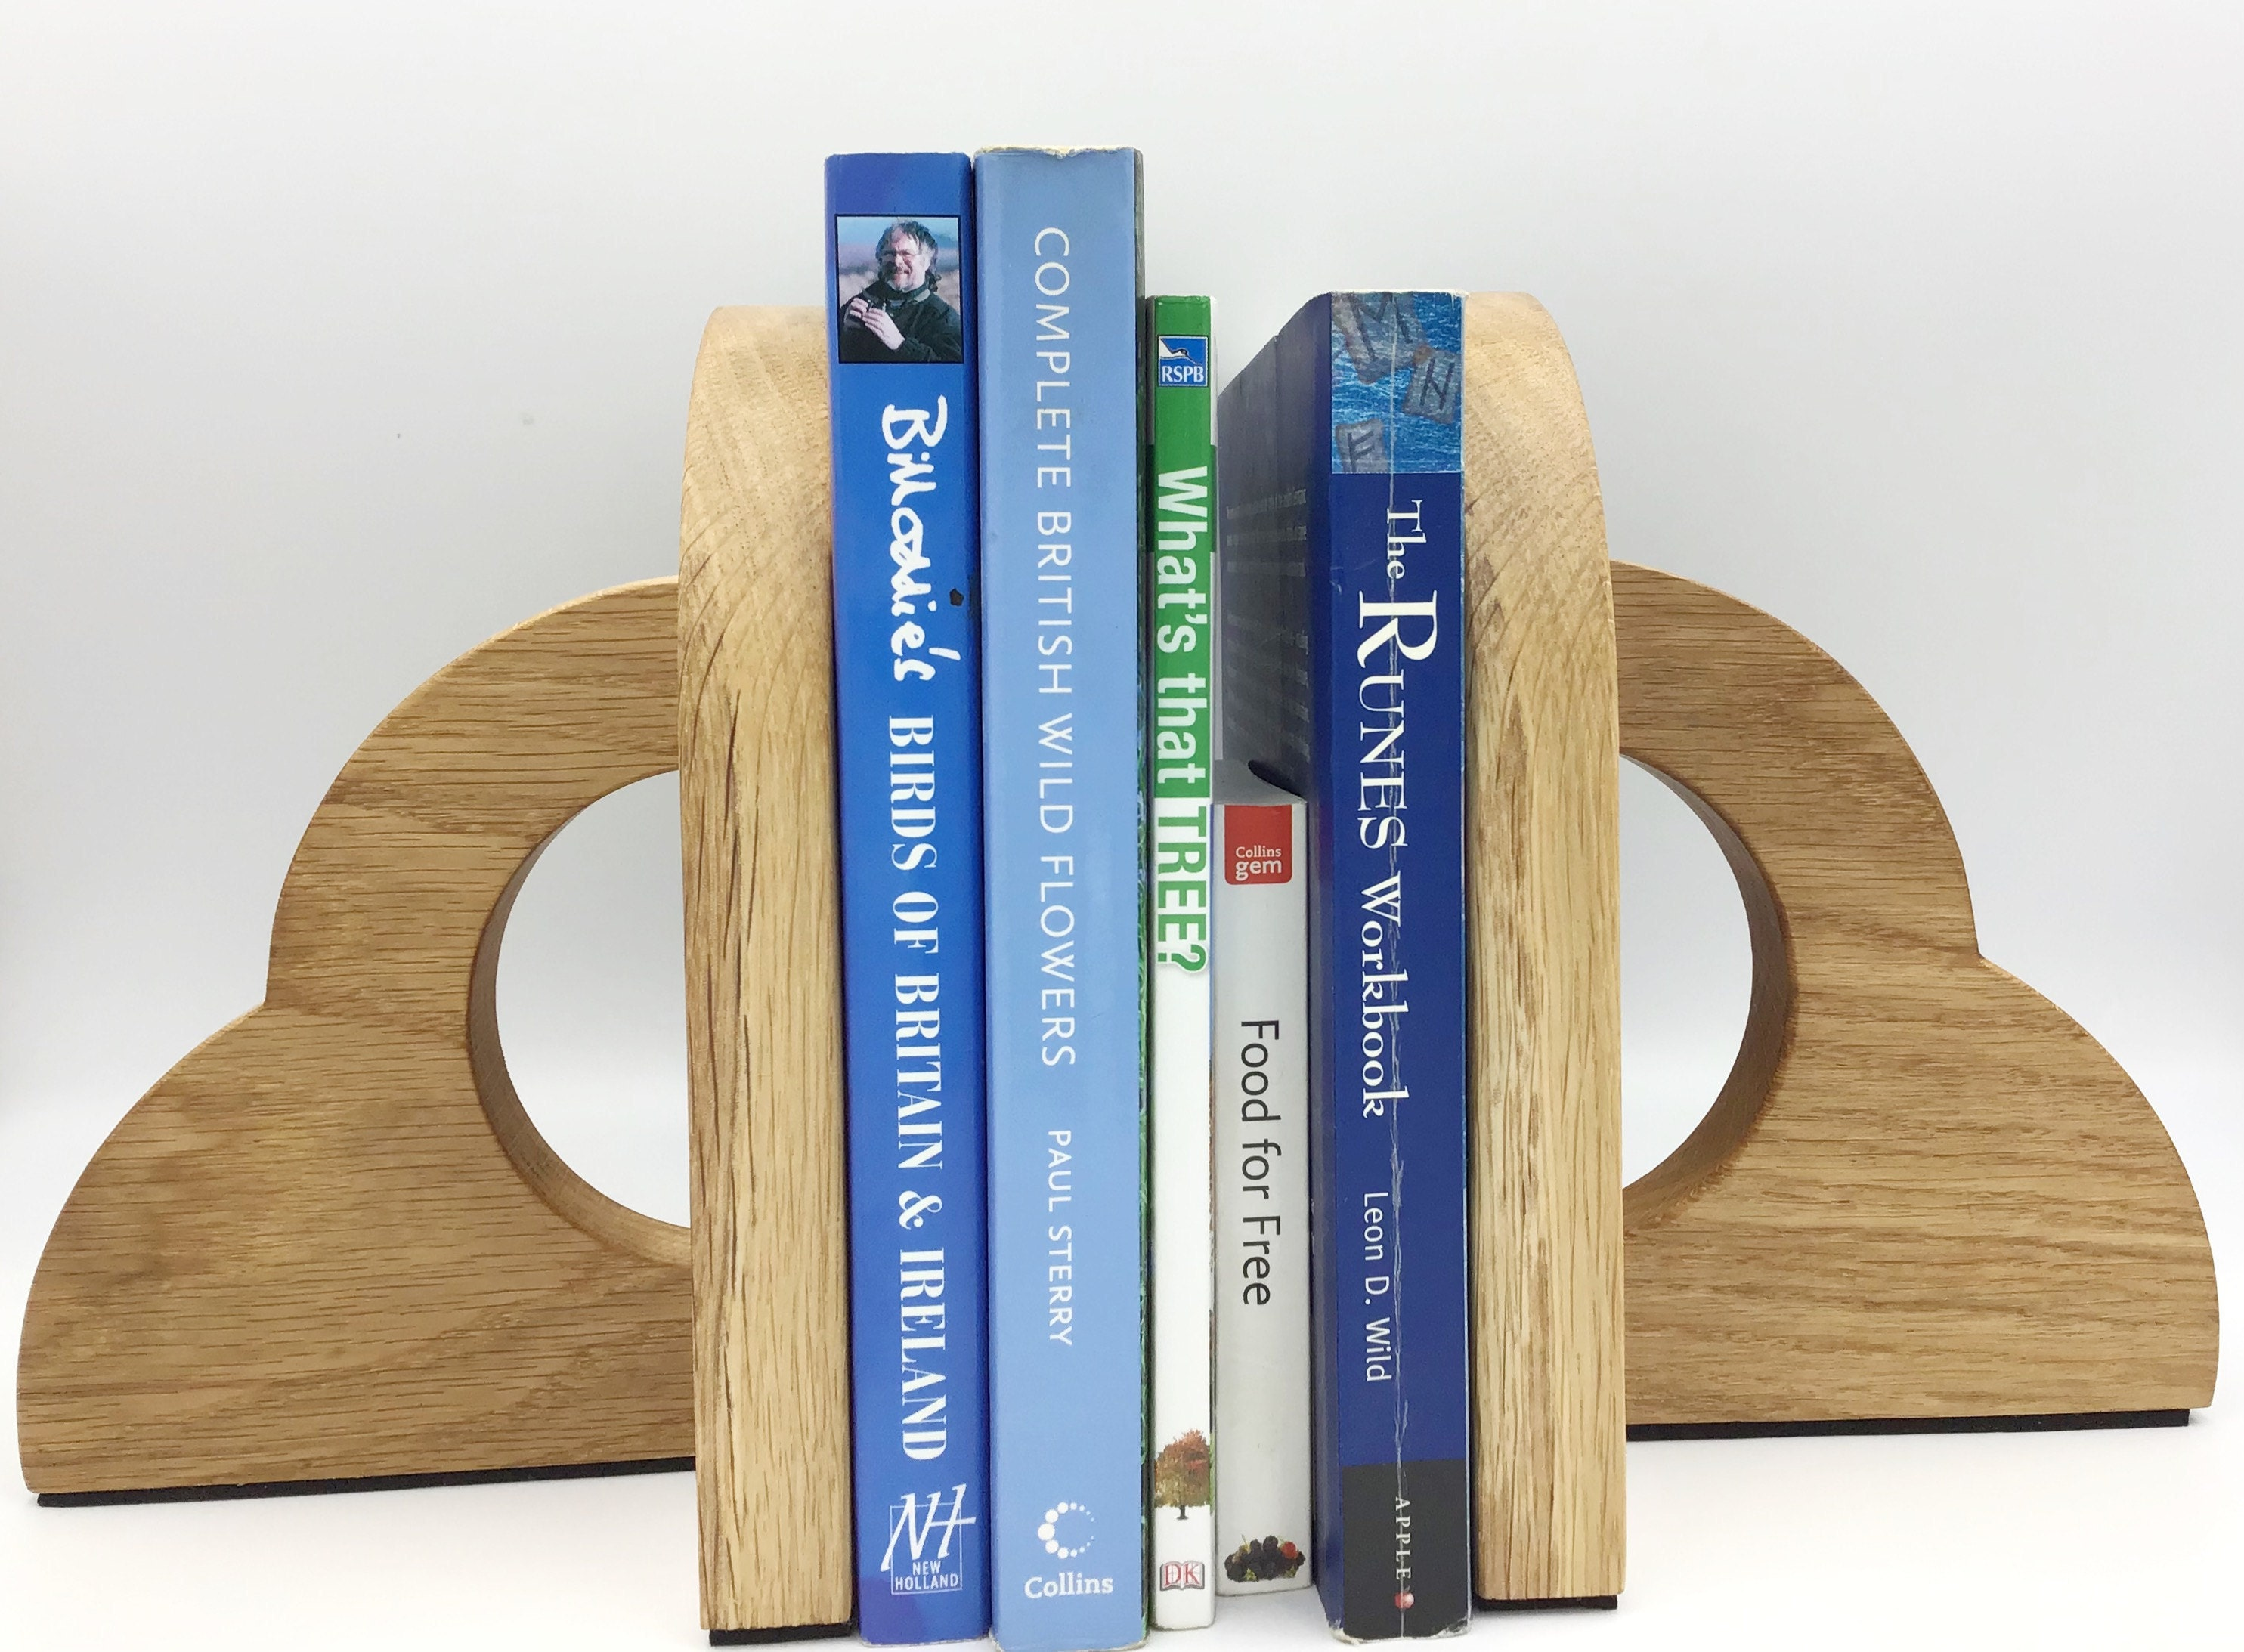 Light Oak wood Bookends - handmade in West Wales UK by gorlech